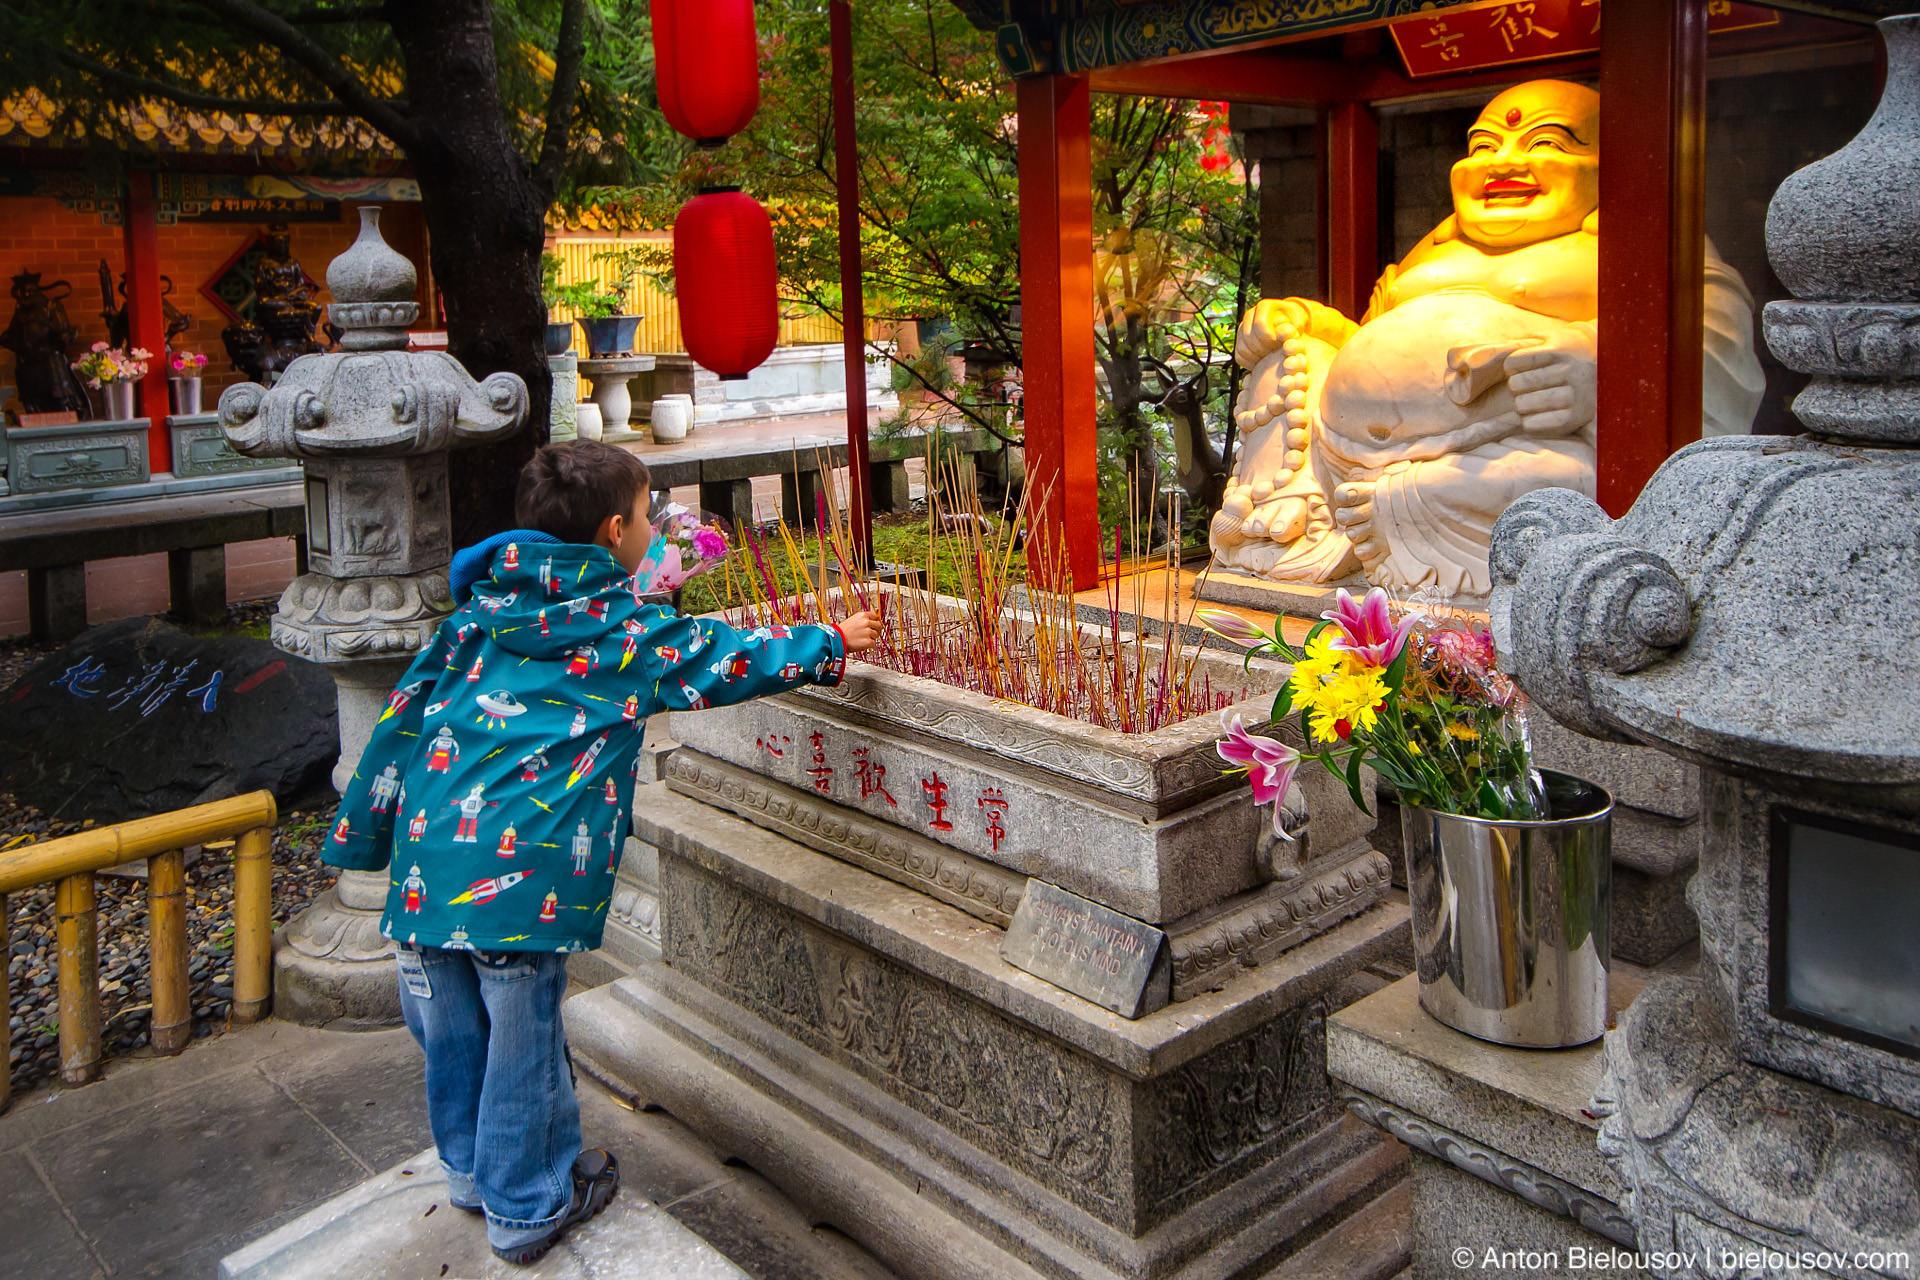 Поставили свечку на праздник — ну и что, что в будистском храме?